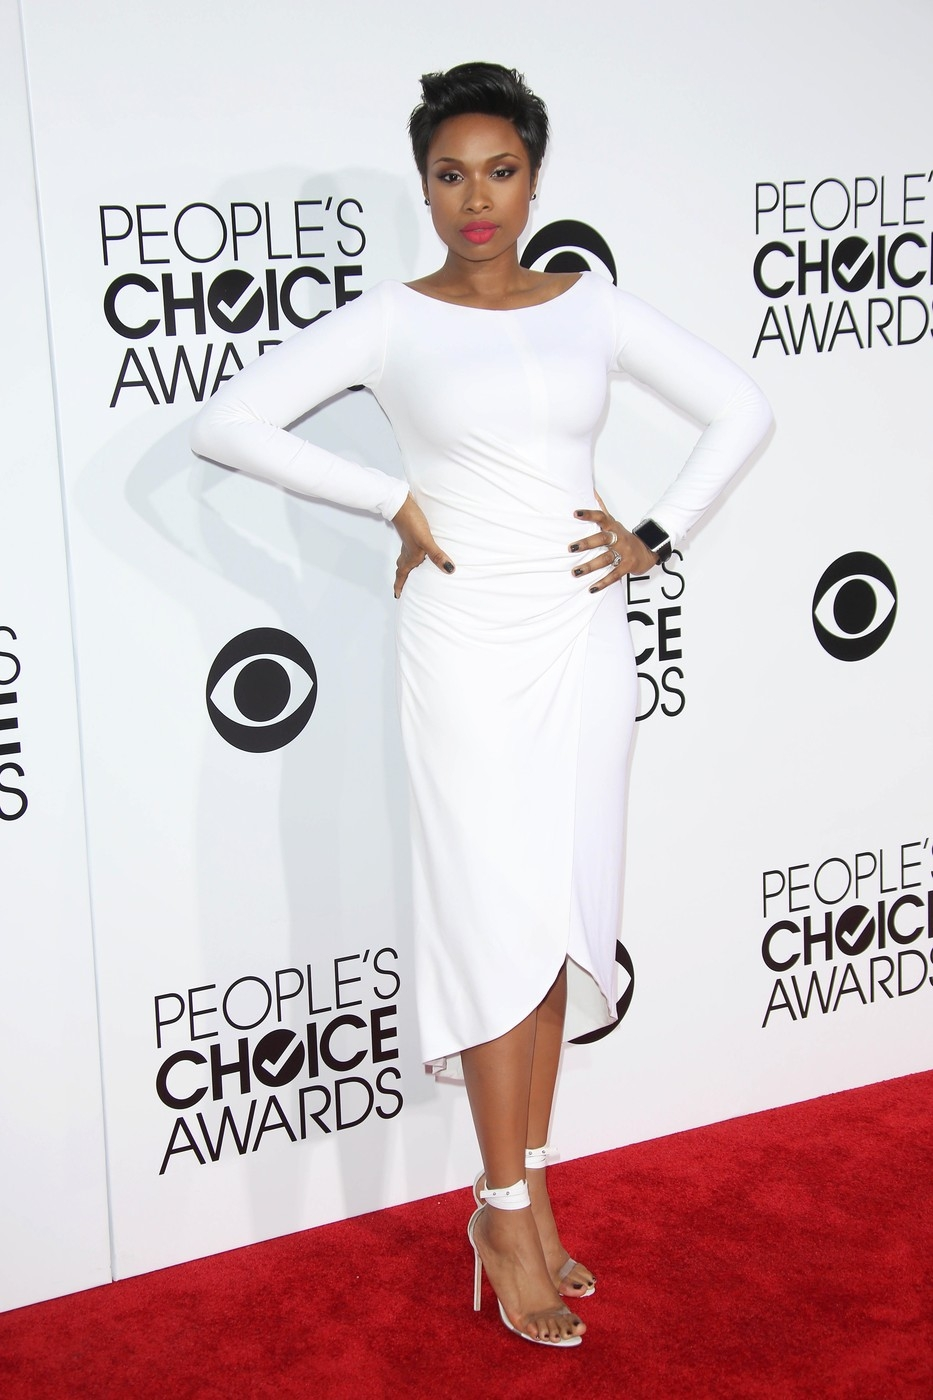 Jennifer Hudson/People's Choice díjátadó